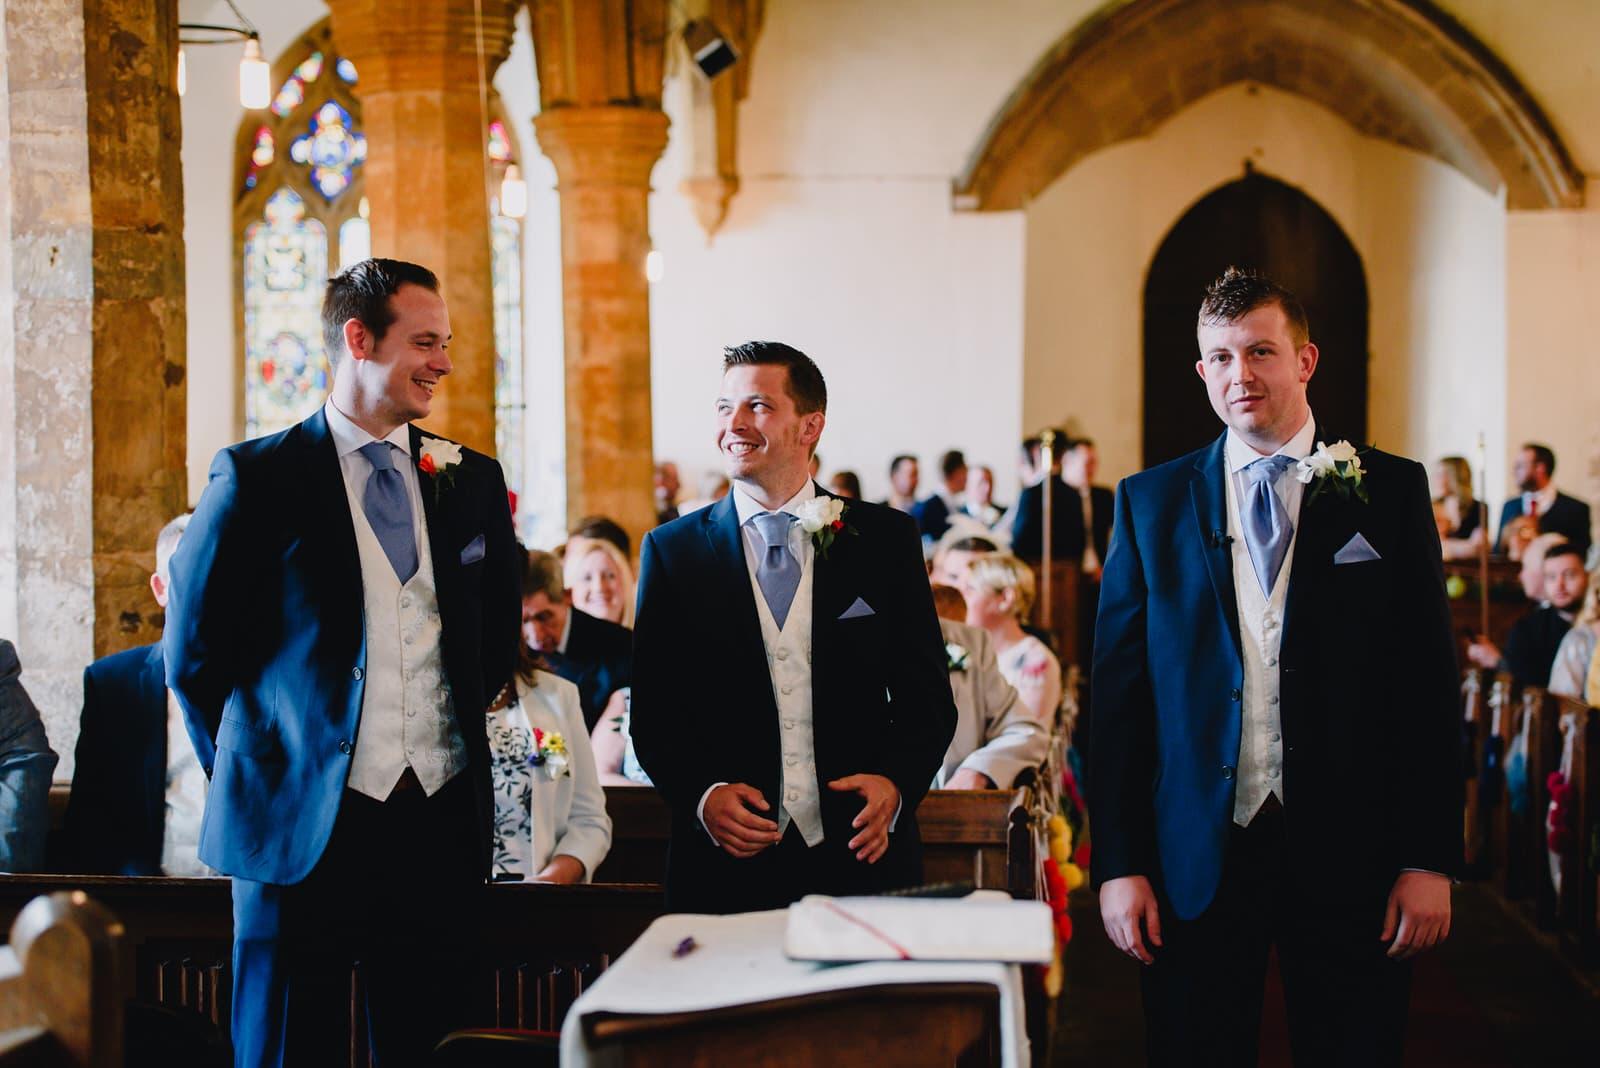 Staverton Estate Wedding - Daventry 69